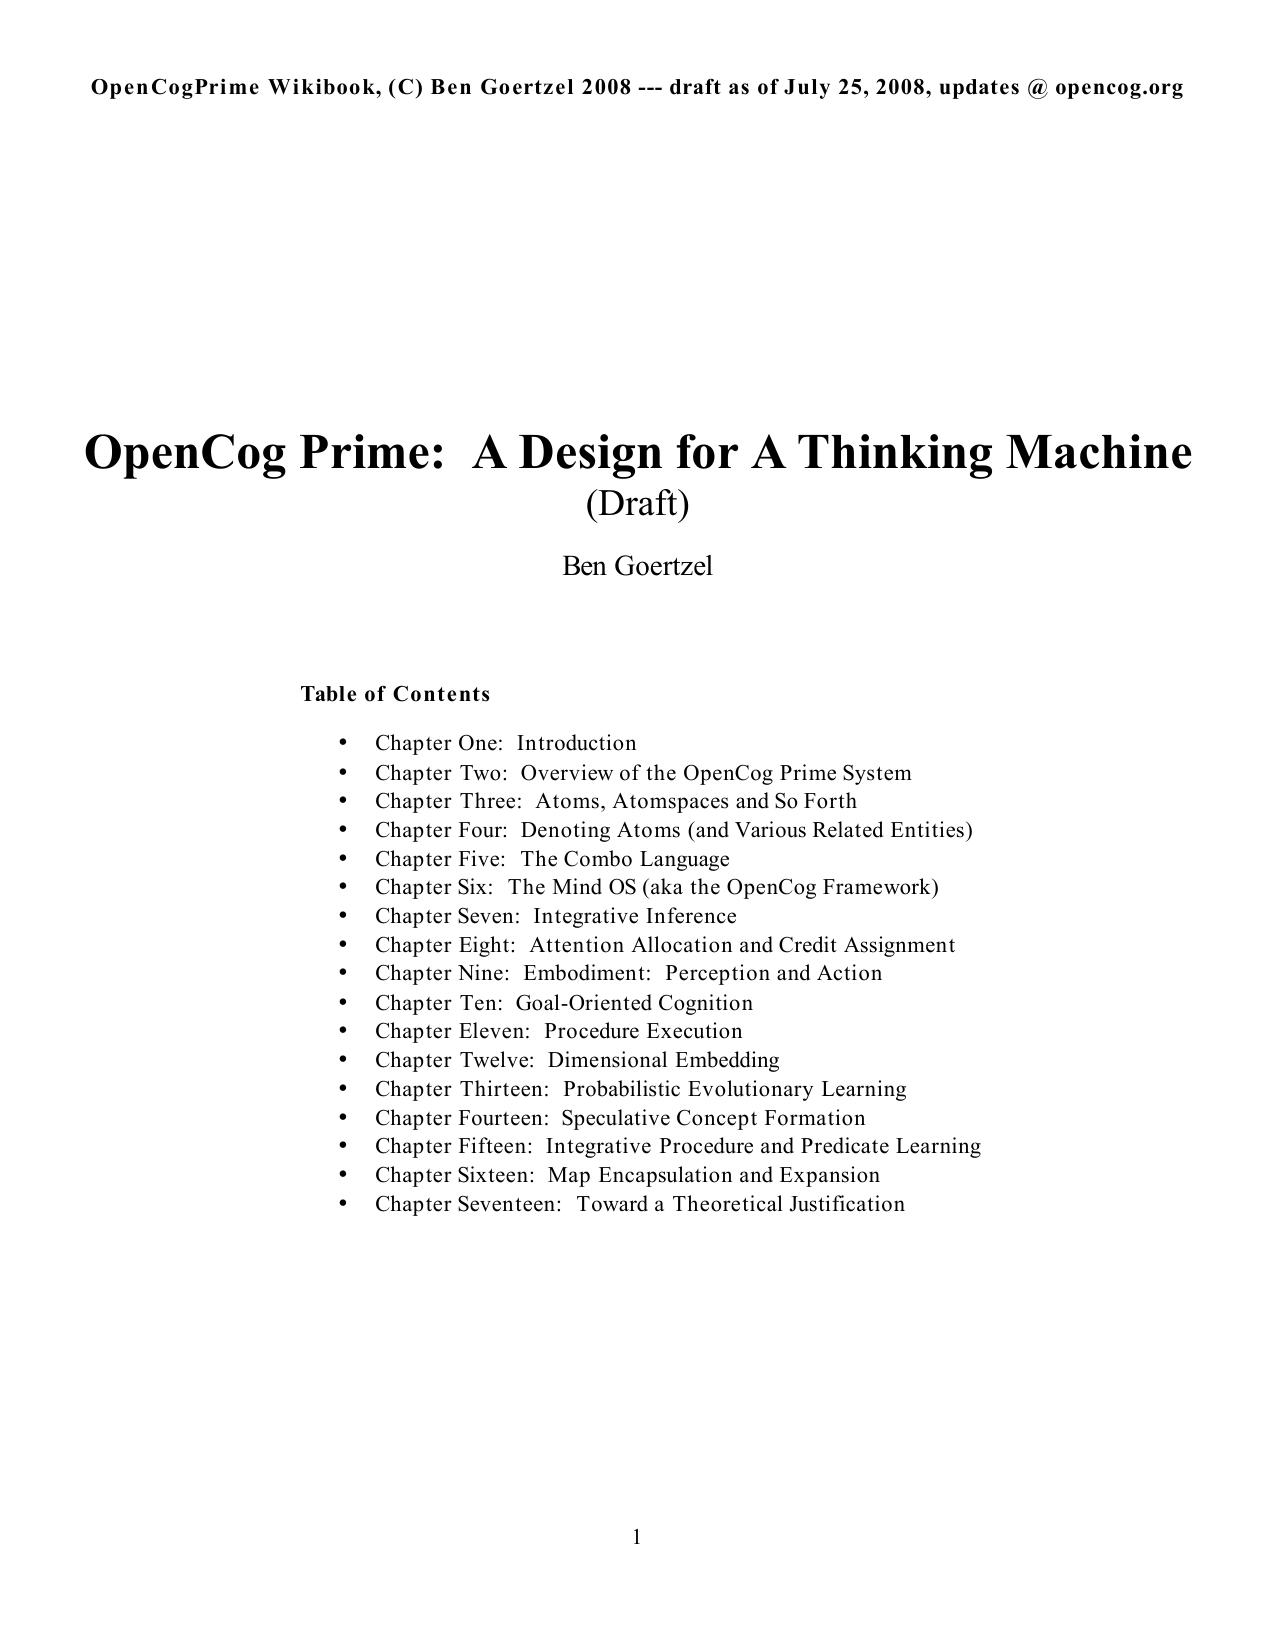 OpenCog Prime   manualzz.com